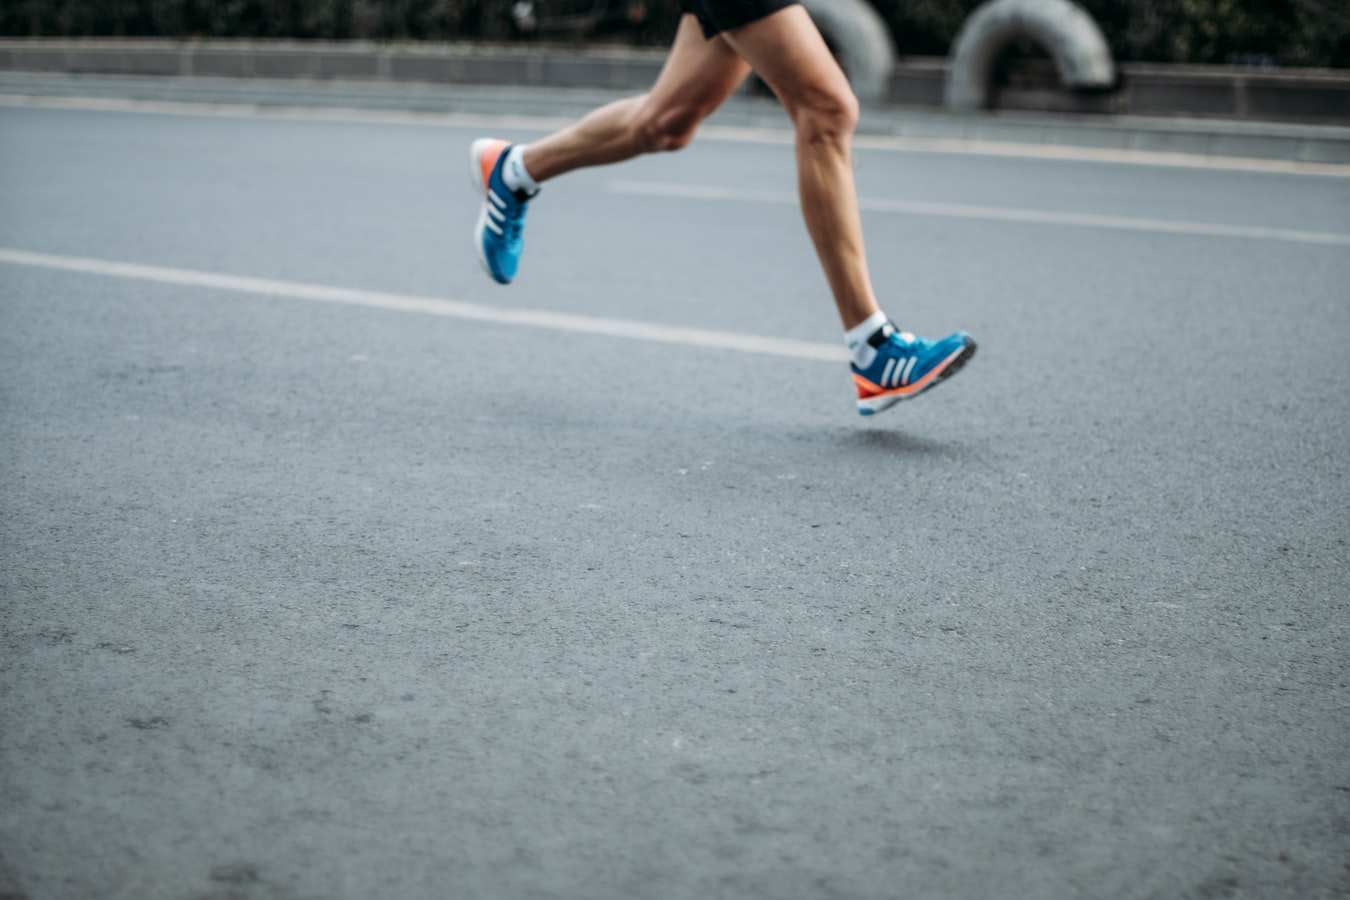 Runner training on the road.